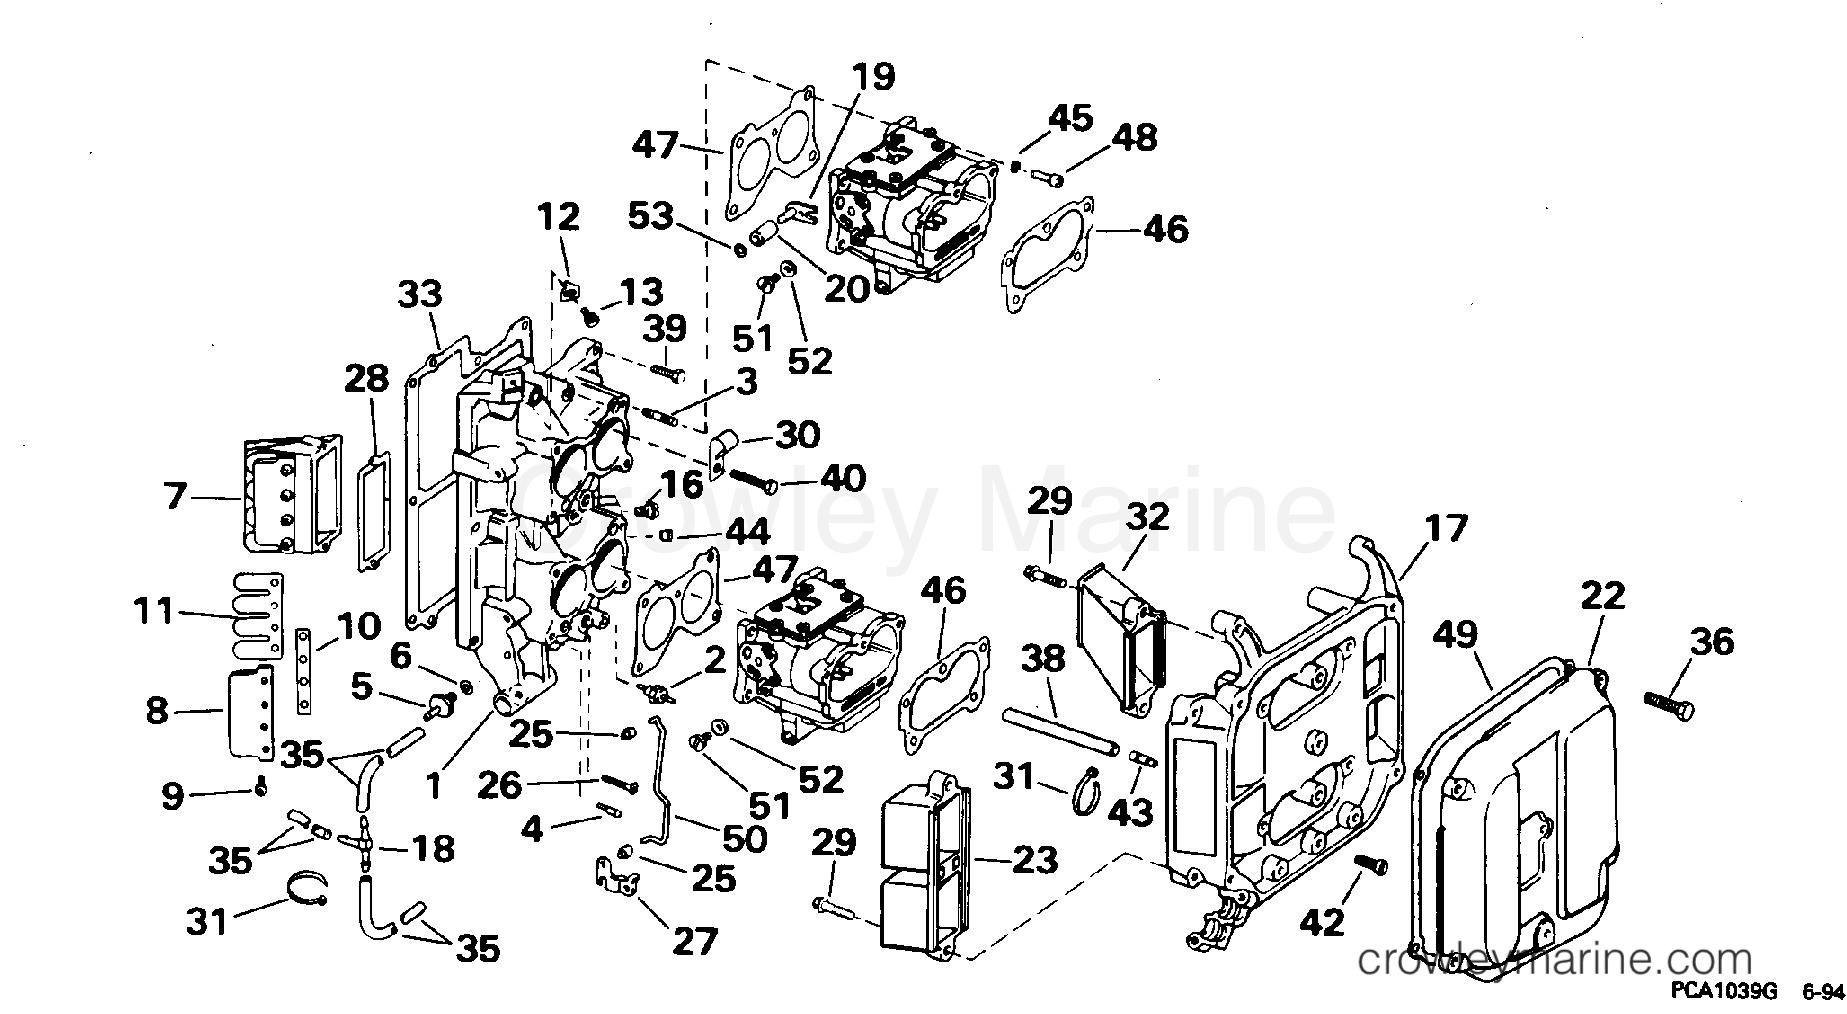 [SCHEMATICS_49CH]  INTAKE MANIFOLD - 1995 OMC TurboJet 115 115JEEOB | Crowley Marine | Wiring Diagram Omc 115 Turbojet |  | Crowley Marine